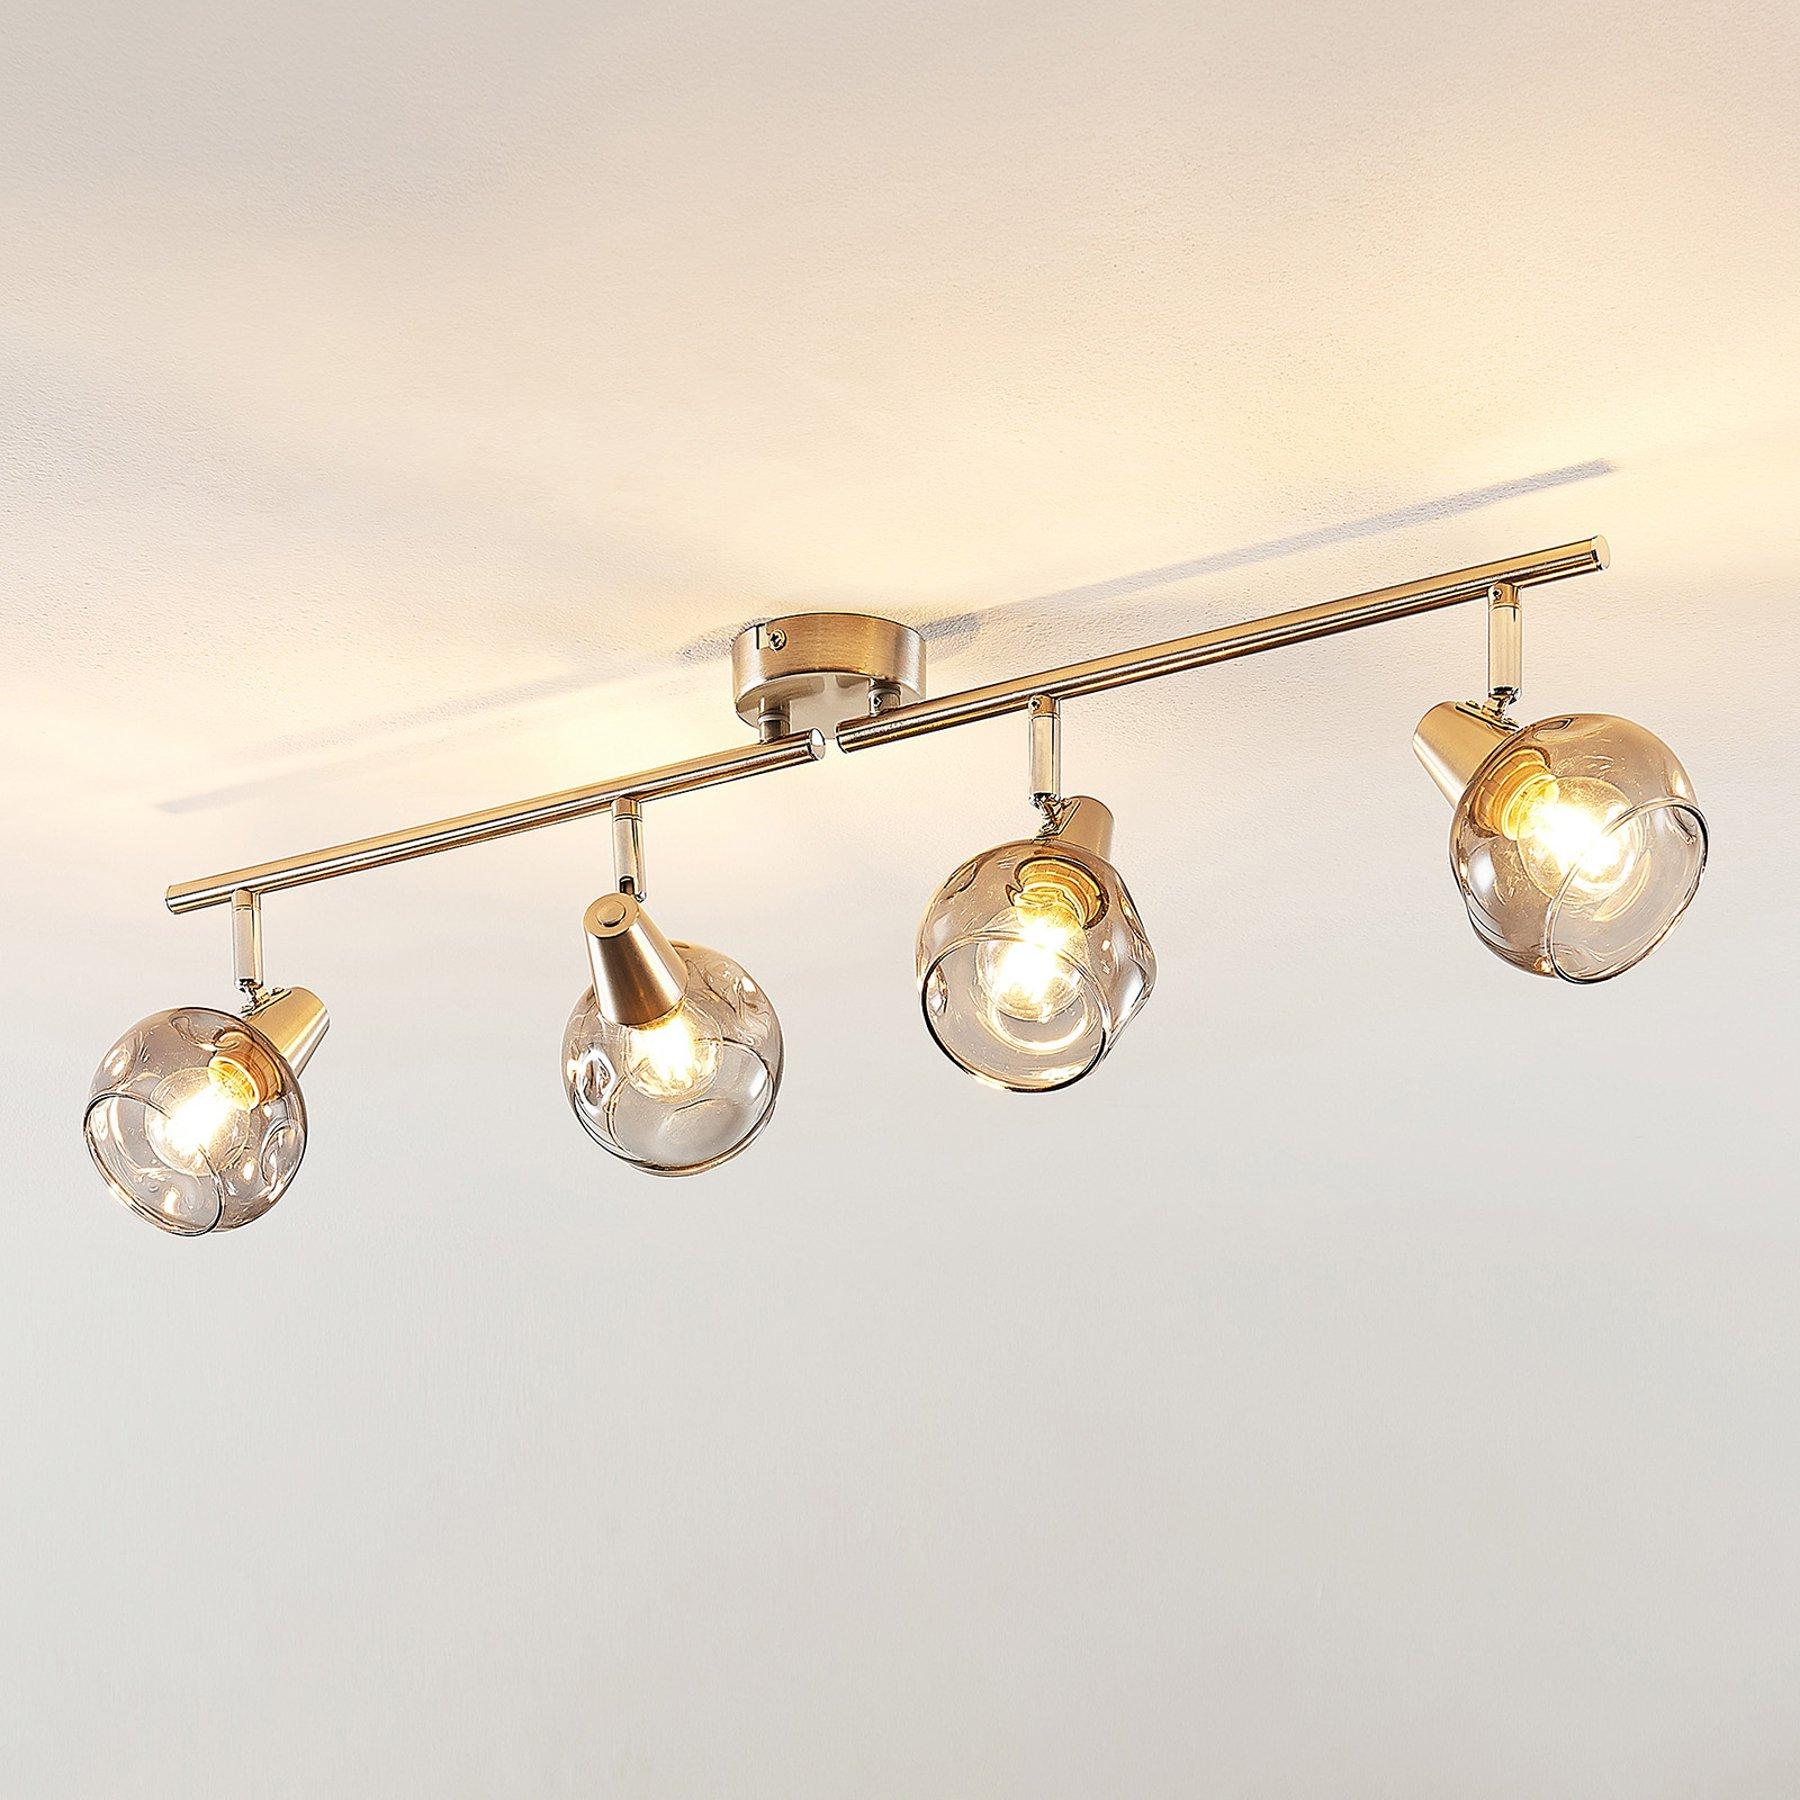 Lindby Almina taklampe, røykglass, 4 lyskilder